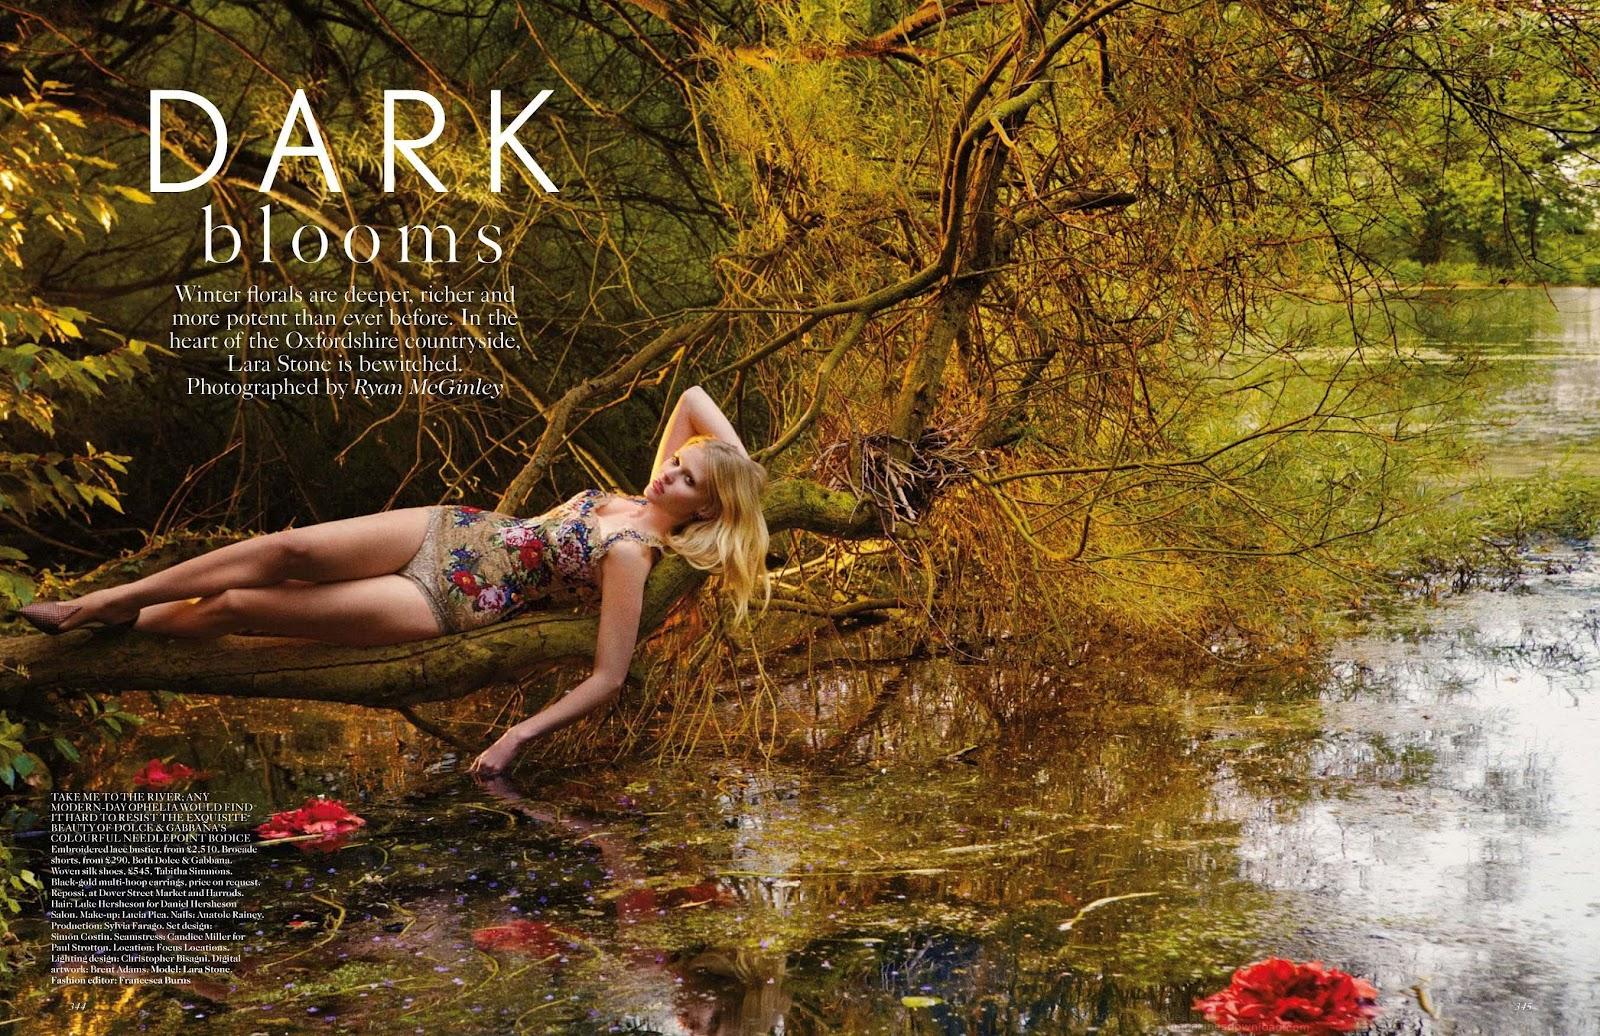 http://1.bp.blogspot.com/-QbASTFNAHm4/UCAz0ld1liI/AAAAAAAAVNc/2TcVtJm1Gjk/s1600/Lara+Stone+-+Vogue+UK+September+2012+1.jpg